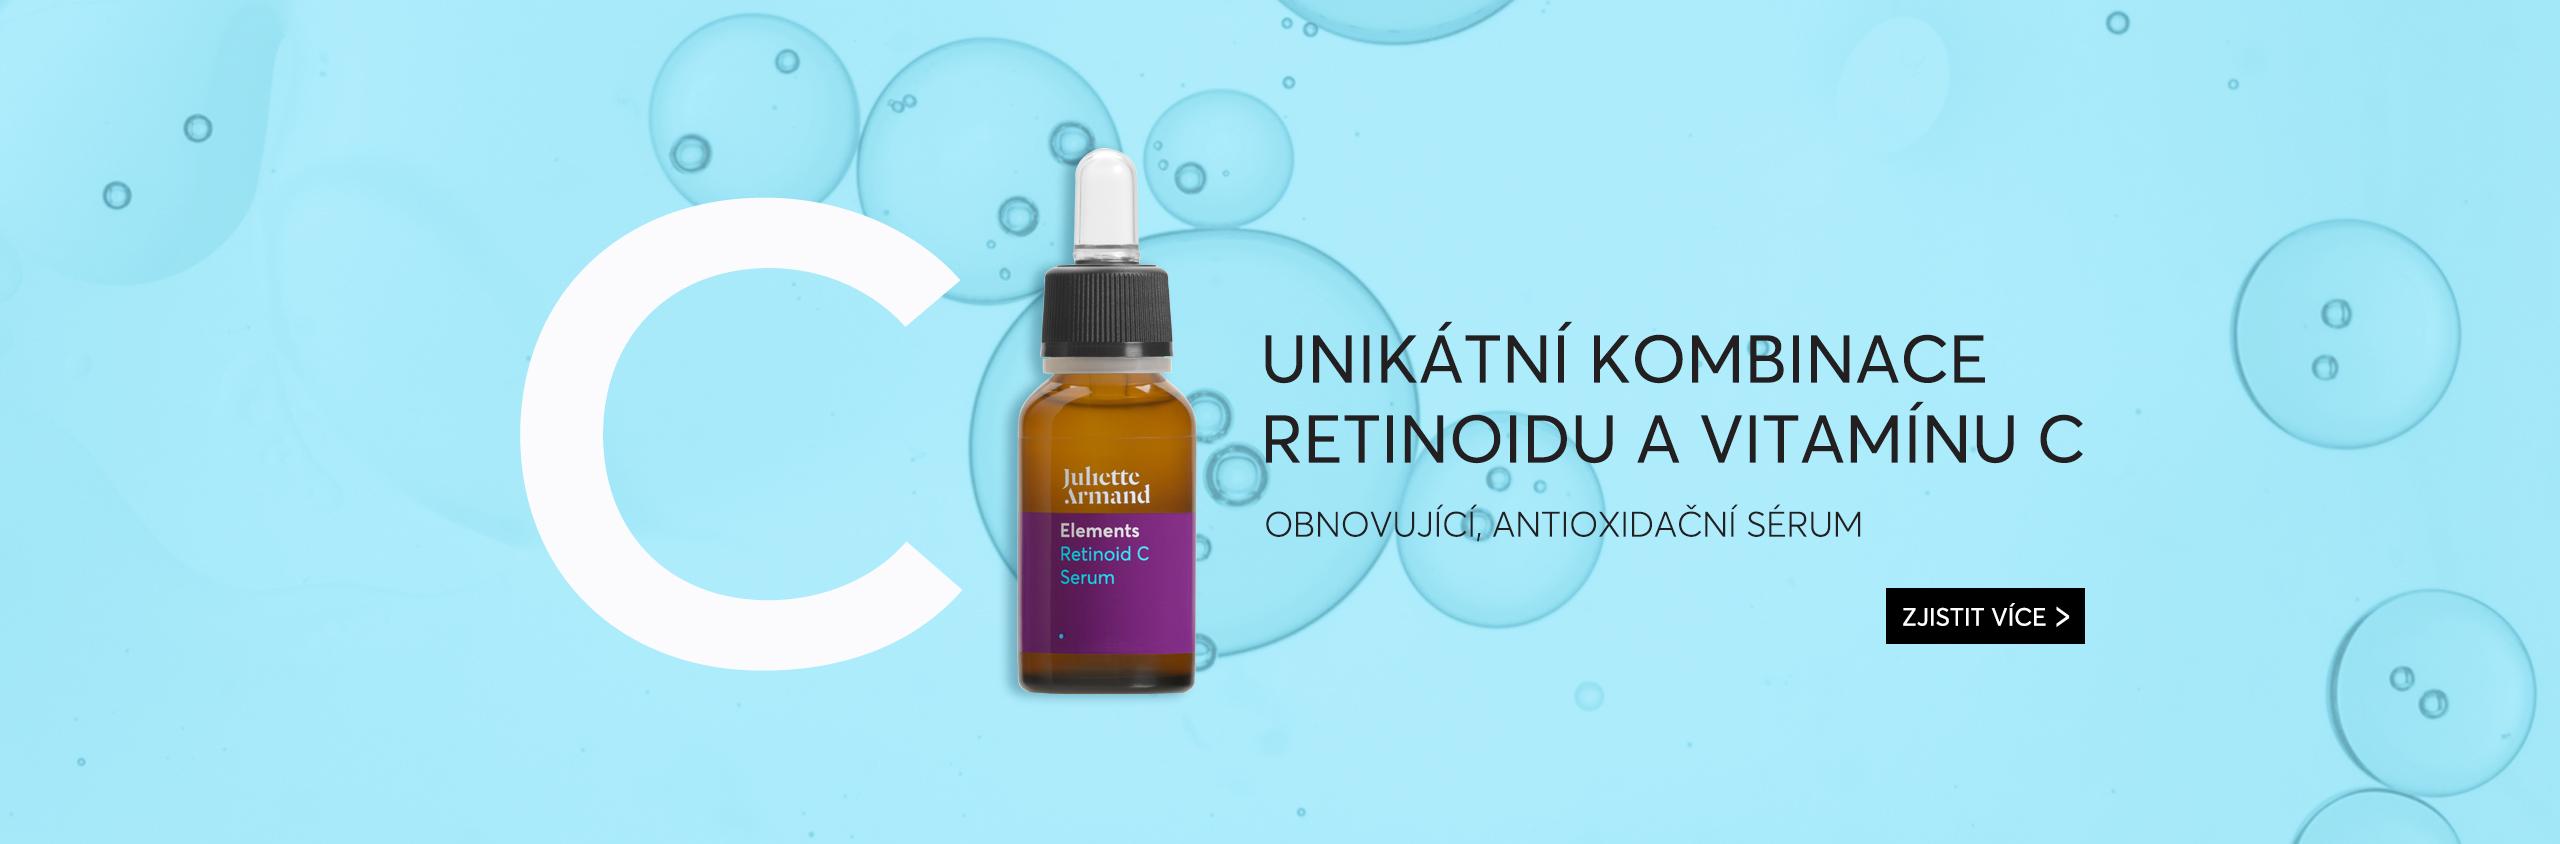 Retinoid C serum